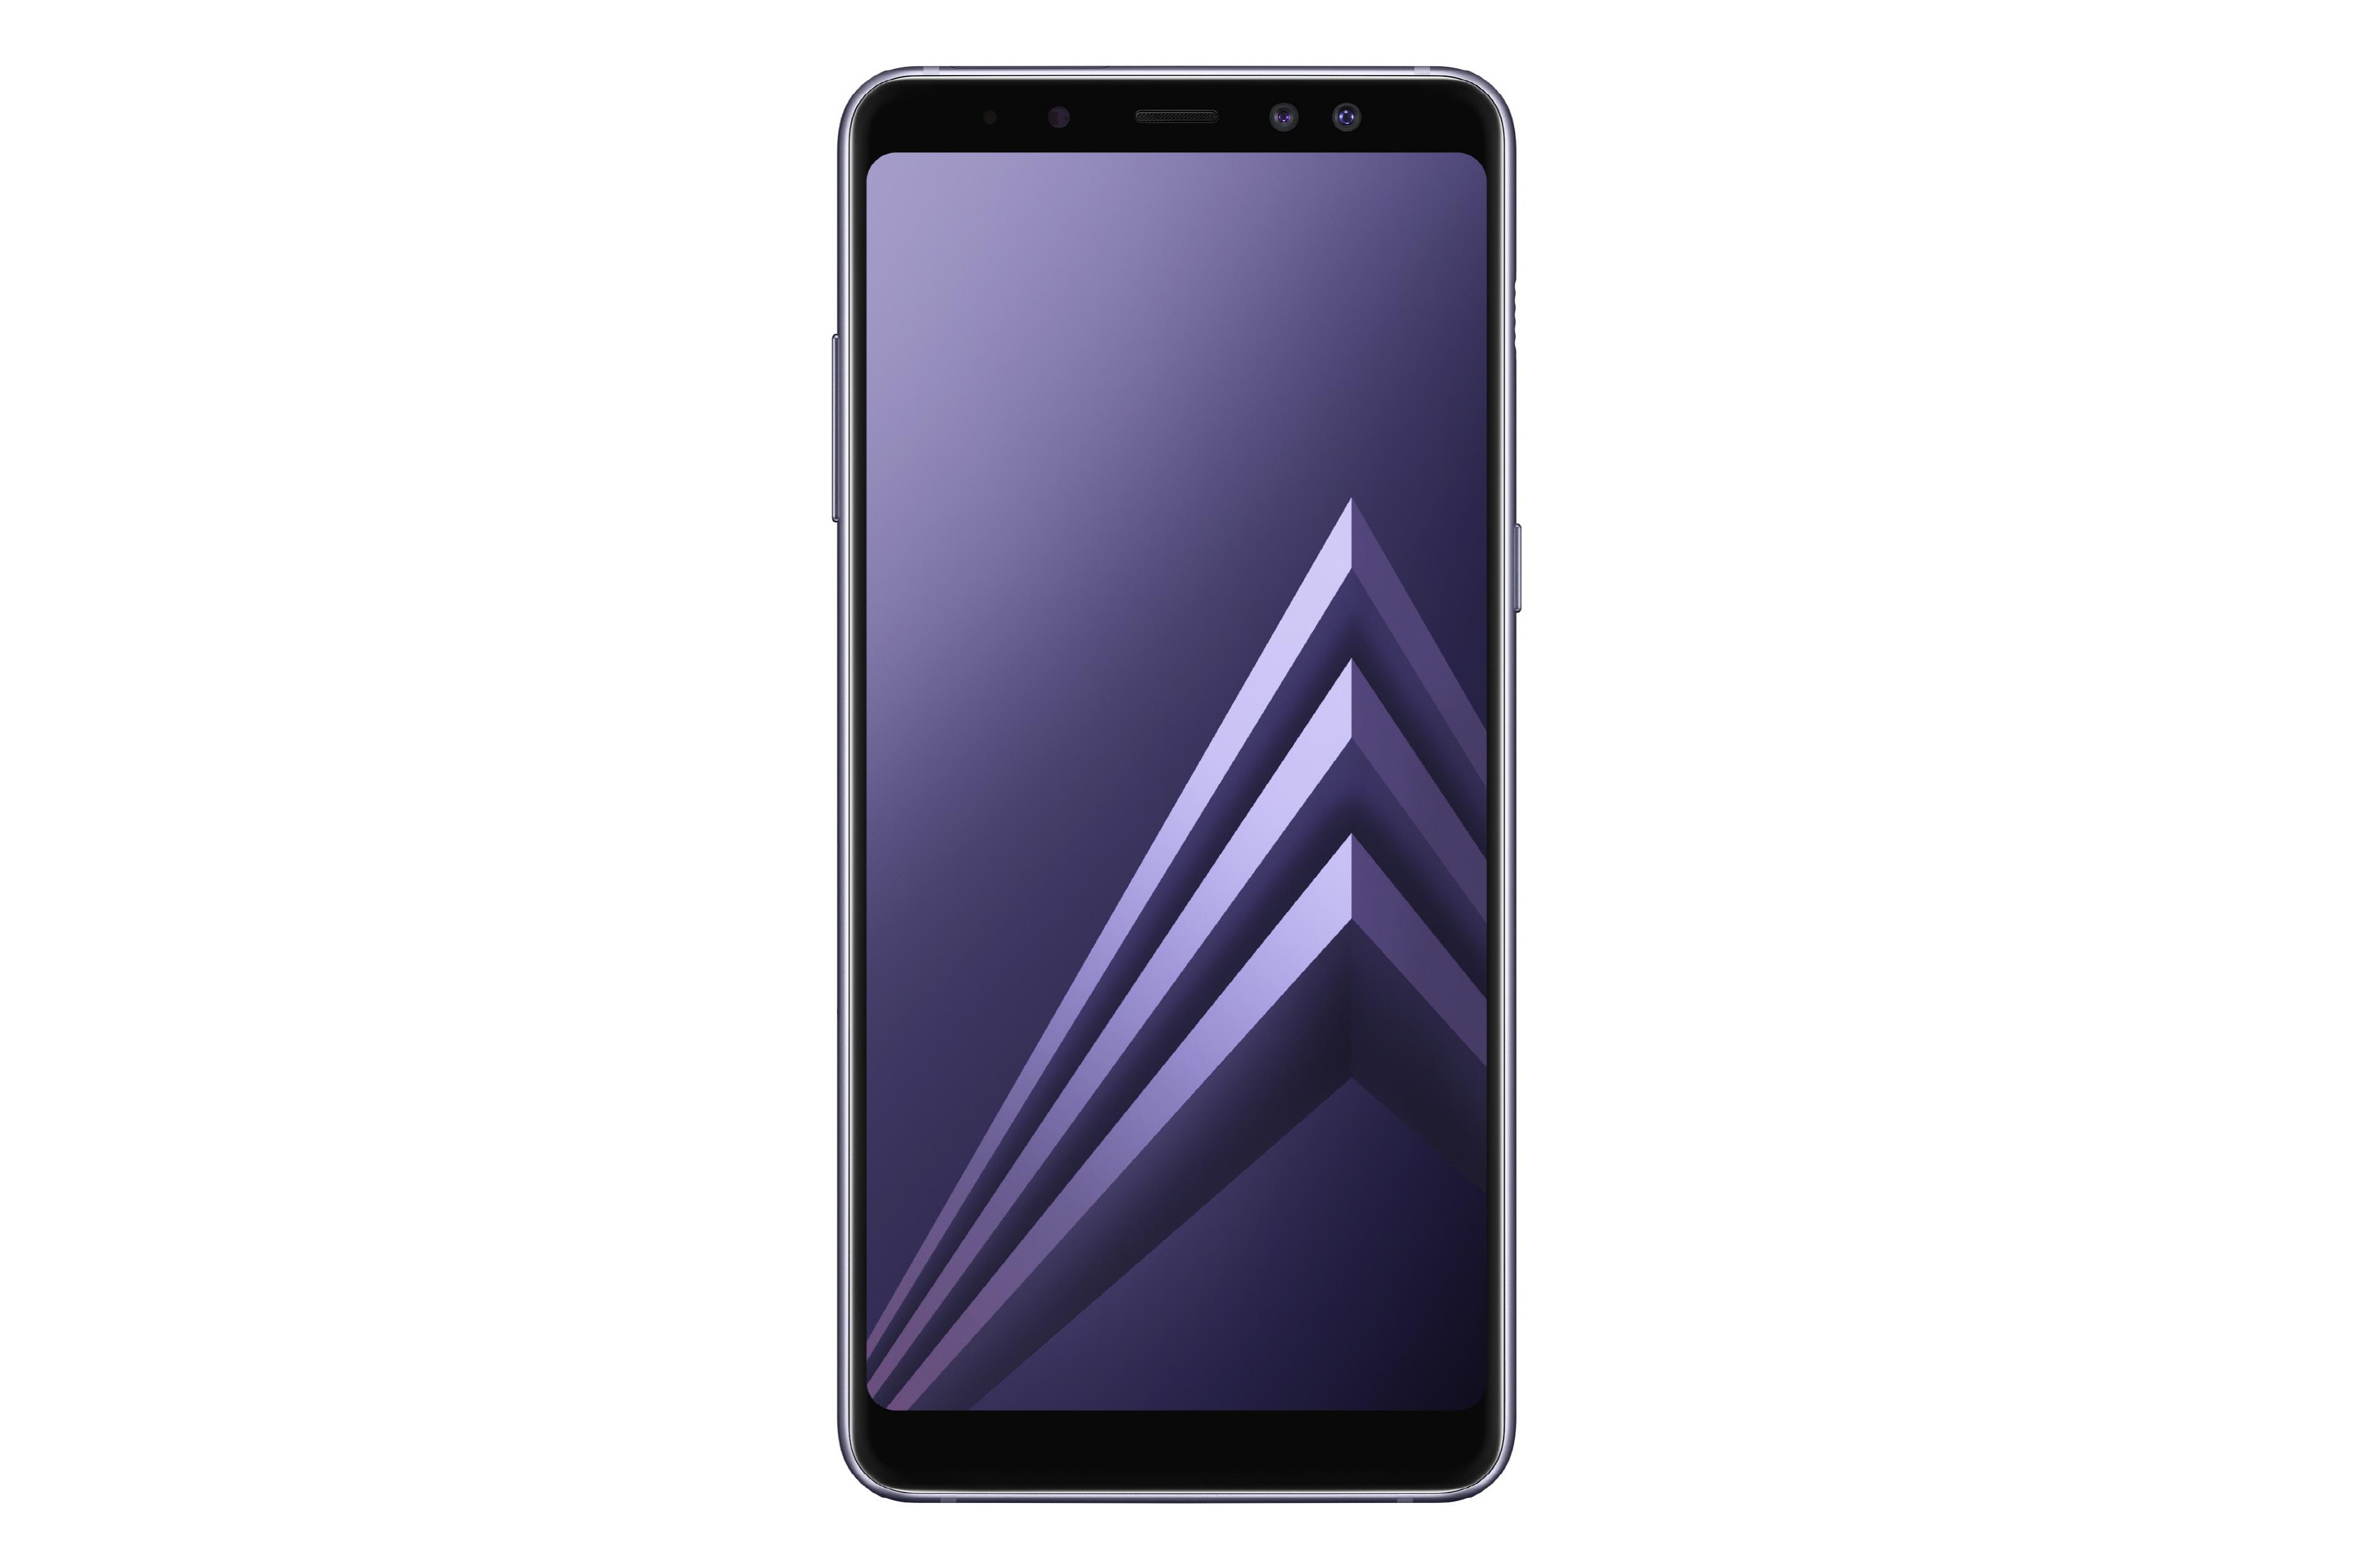 全螢幕手機的生力軍!Samsung發表Galaxy A8 (2018)、A8+(2018)